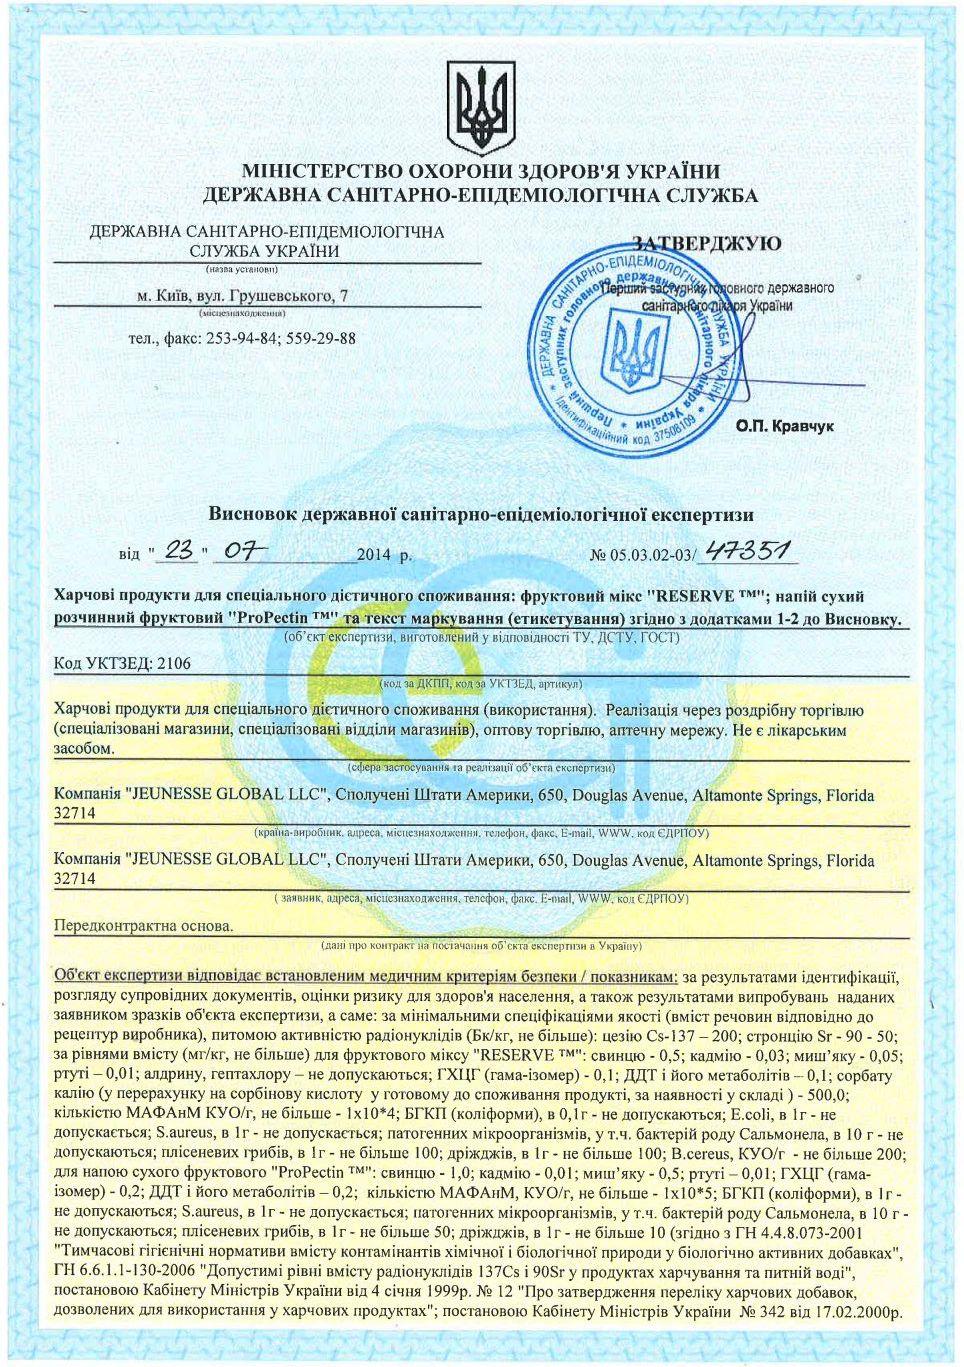 Заключение (Сертификат) государственной санитарно-эпидемиологической службы Украины для RESERVE (Jeunesse Global Holdings, LLC)